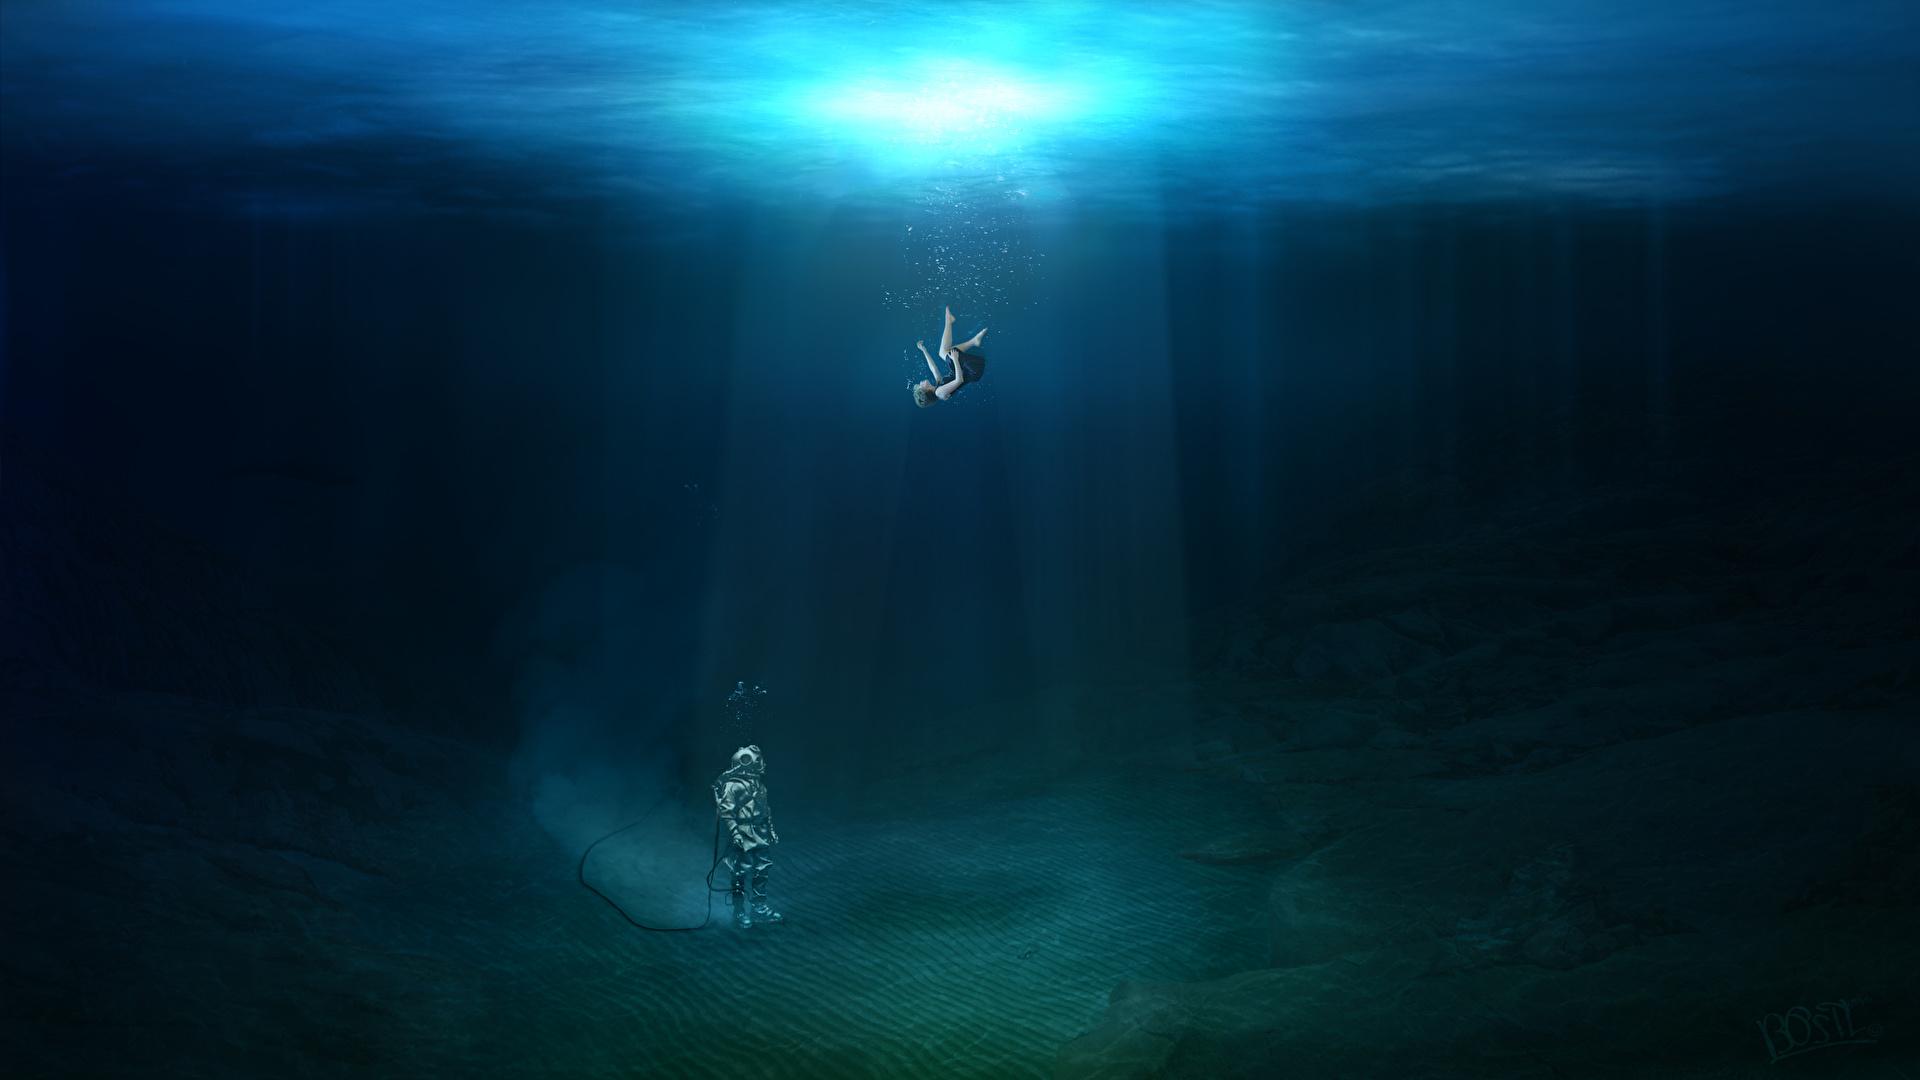 Обои для рабочего стола Лучи света Девочки Подводный мир diving Фантастика Рисованные 1920x1080 девочка Фэнтези